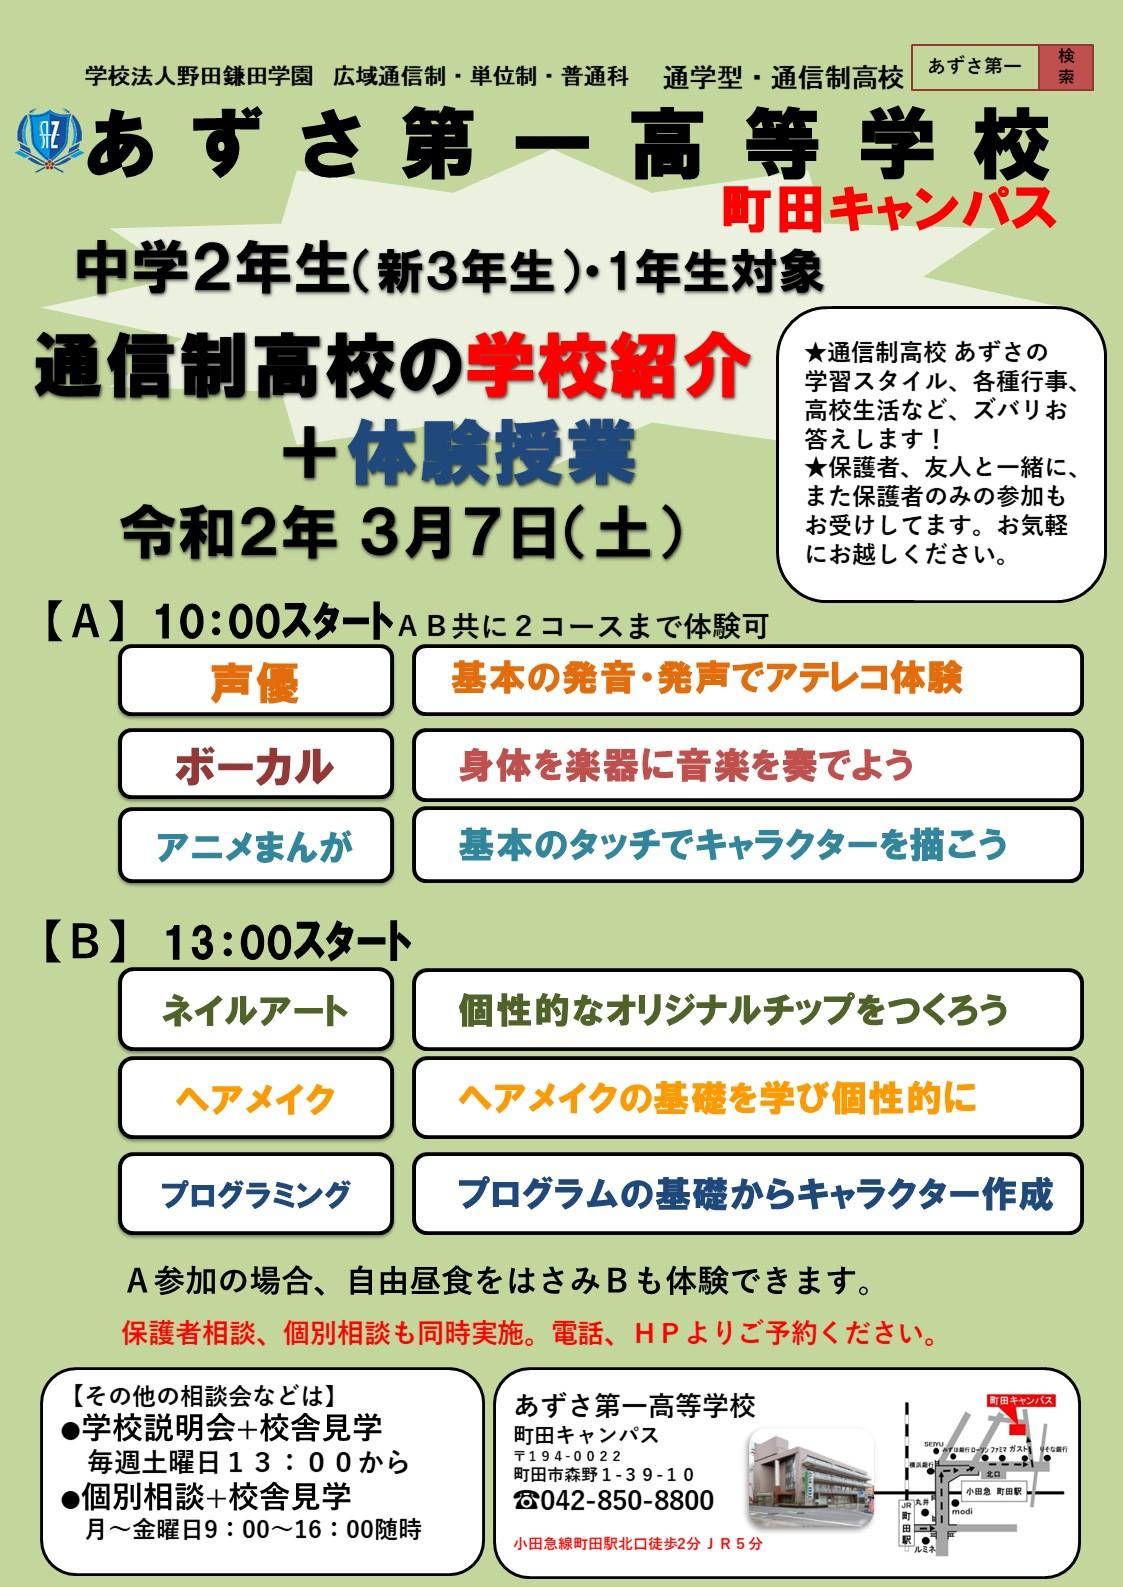 町田キャンパス 早期!中学2(新3年)・1年生用 体験授業 image1